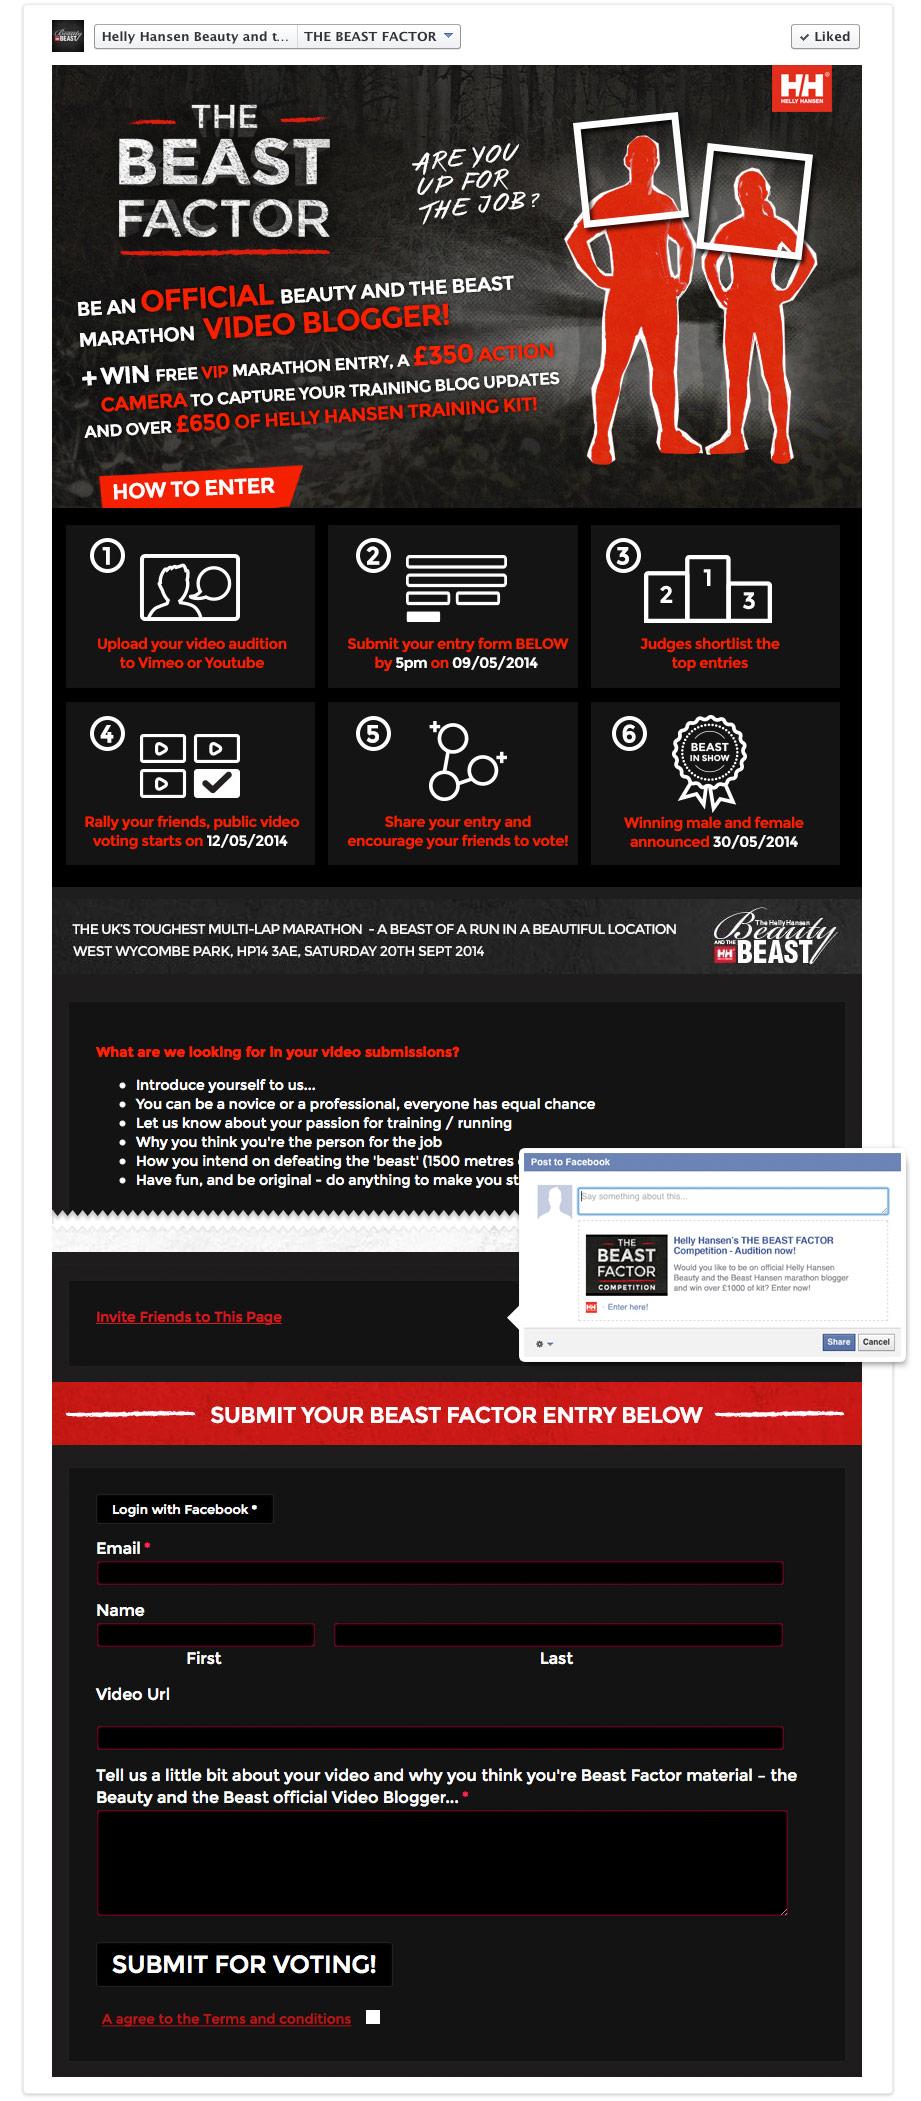 Helly-Hansen-Beast-Factor-App-4